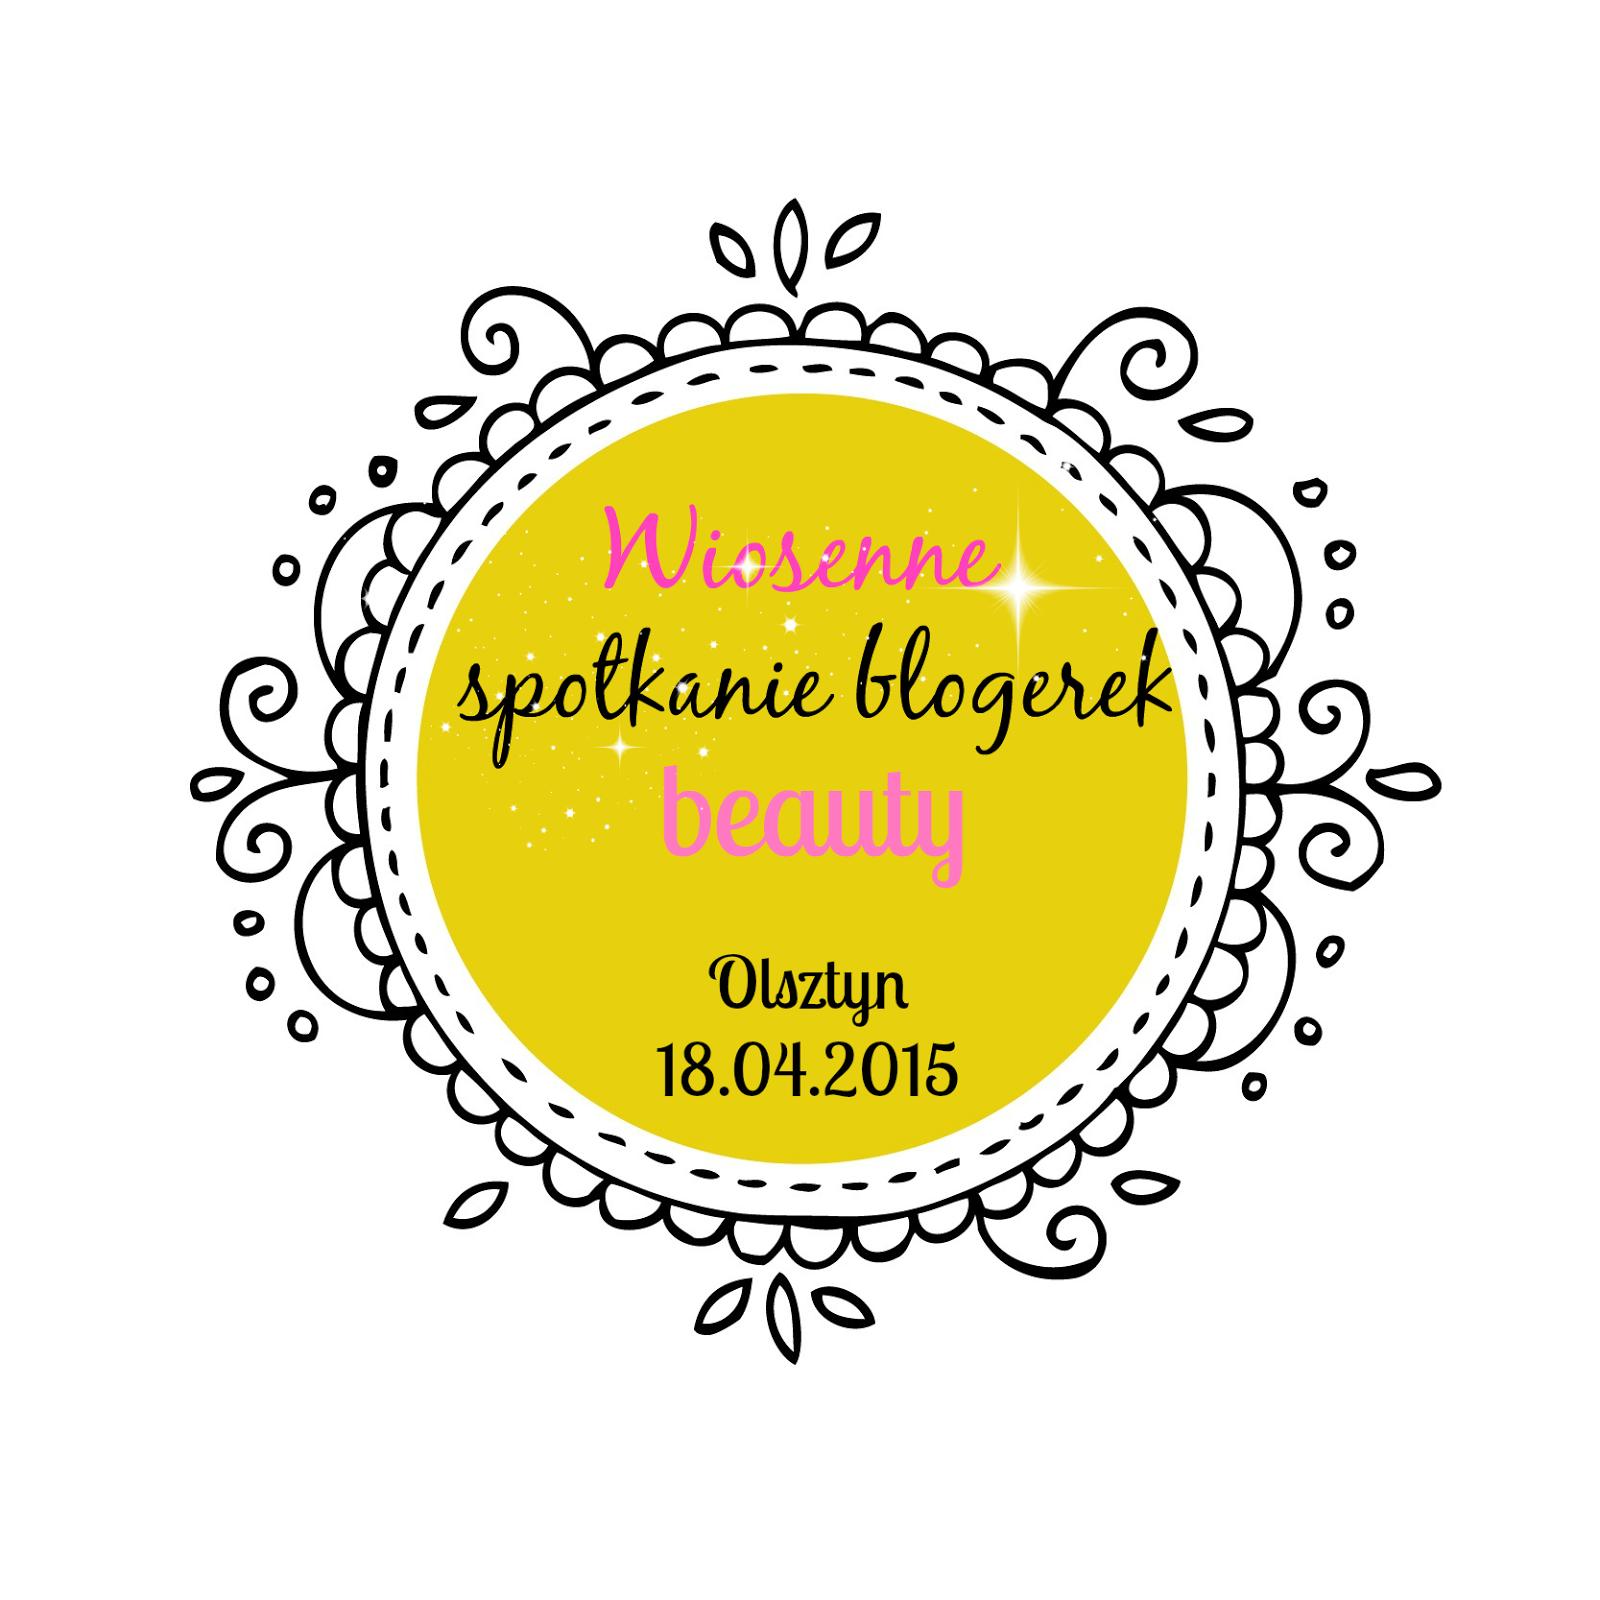 Wiosenne spotkanie blogerek w Olsztynie - relacja